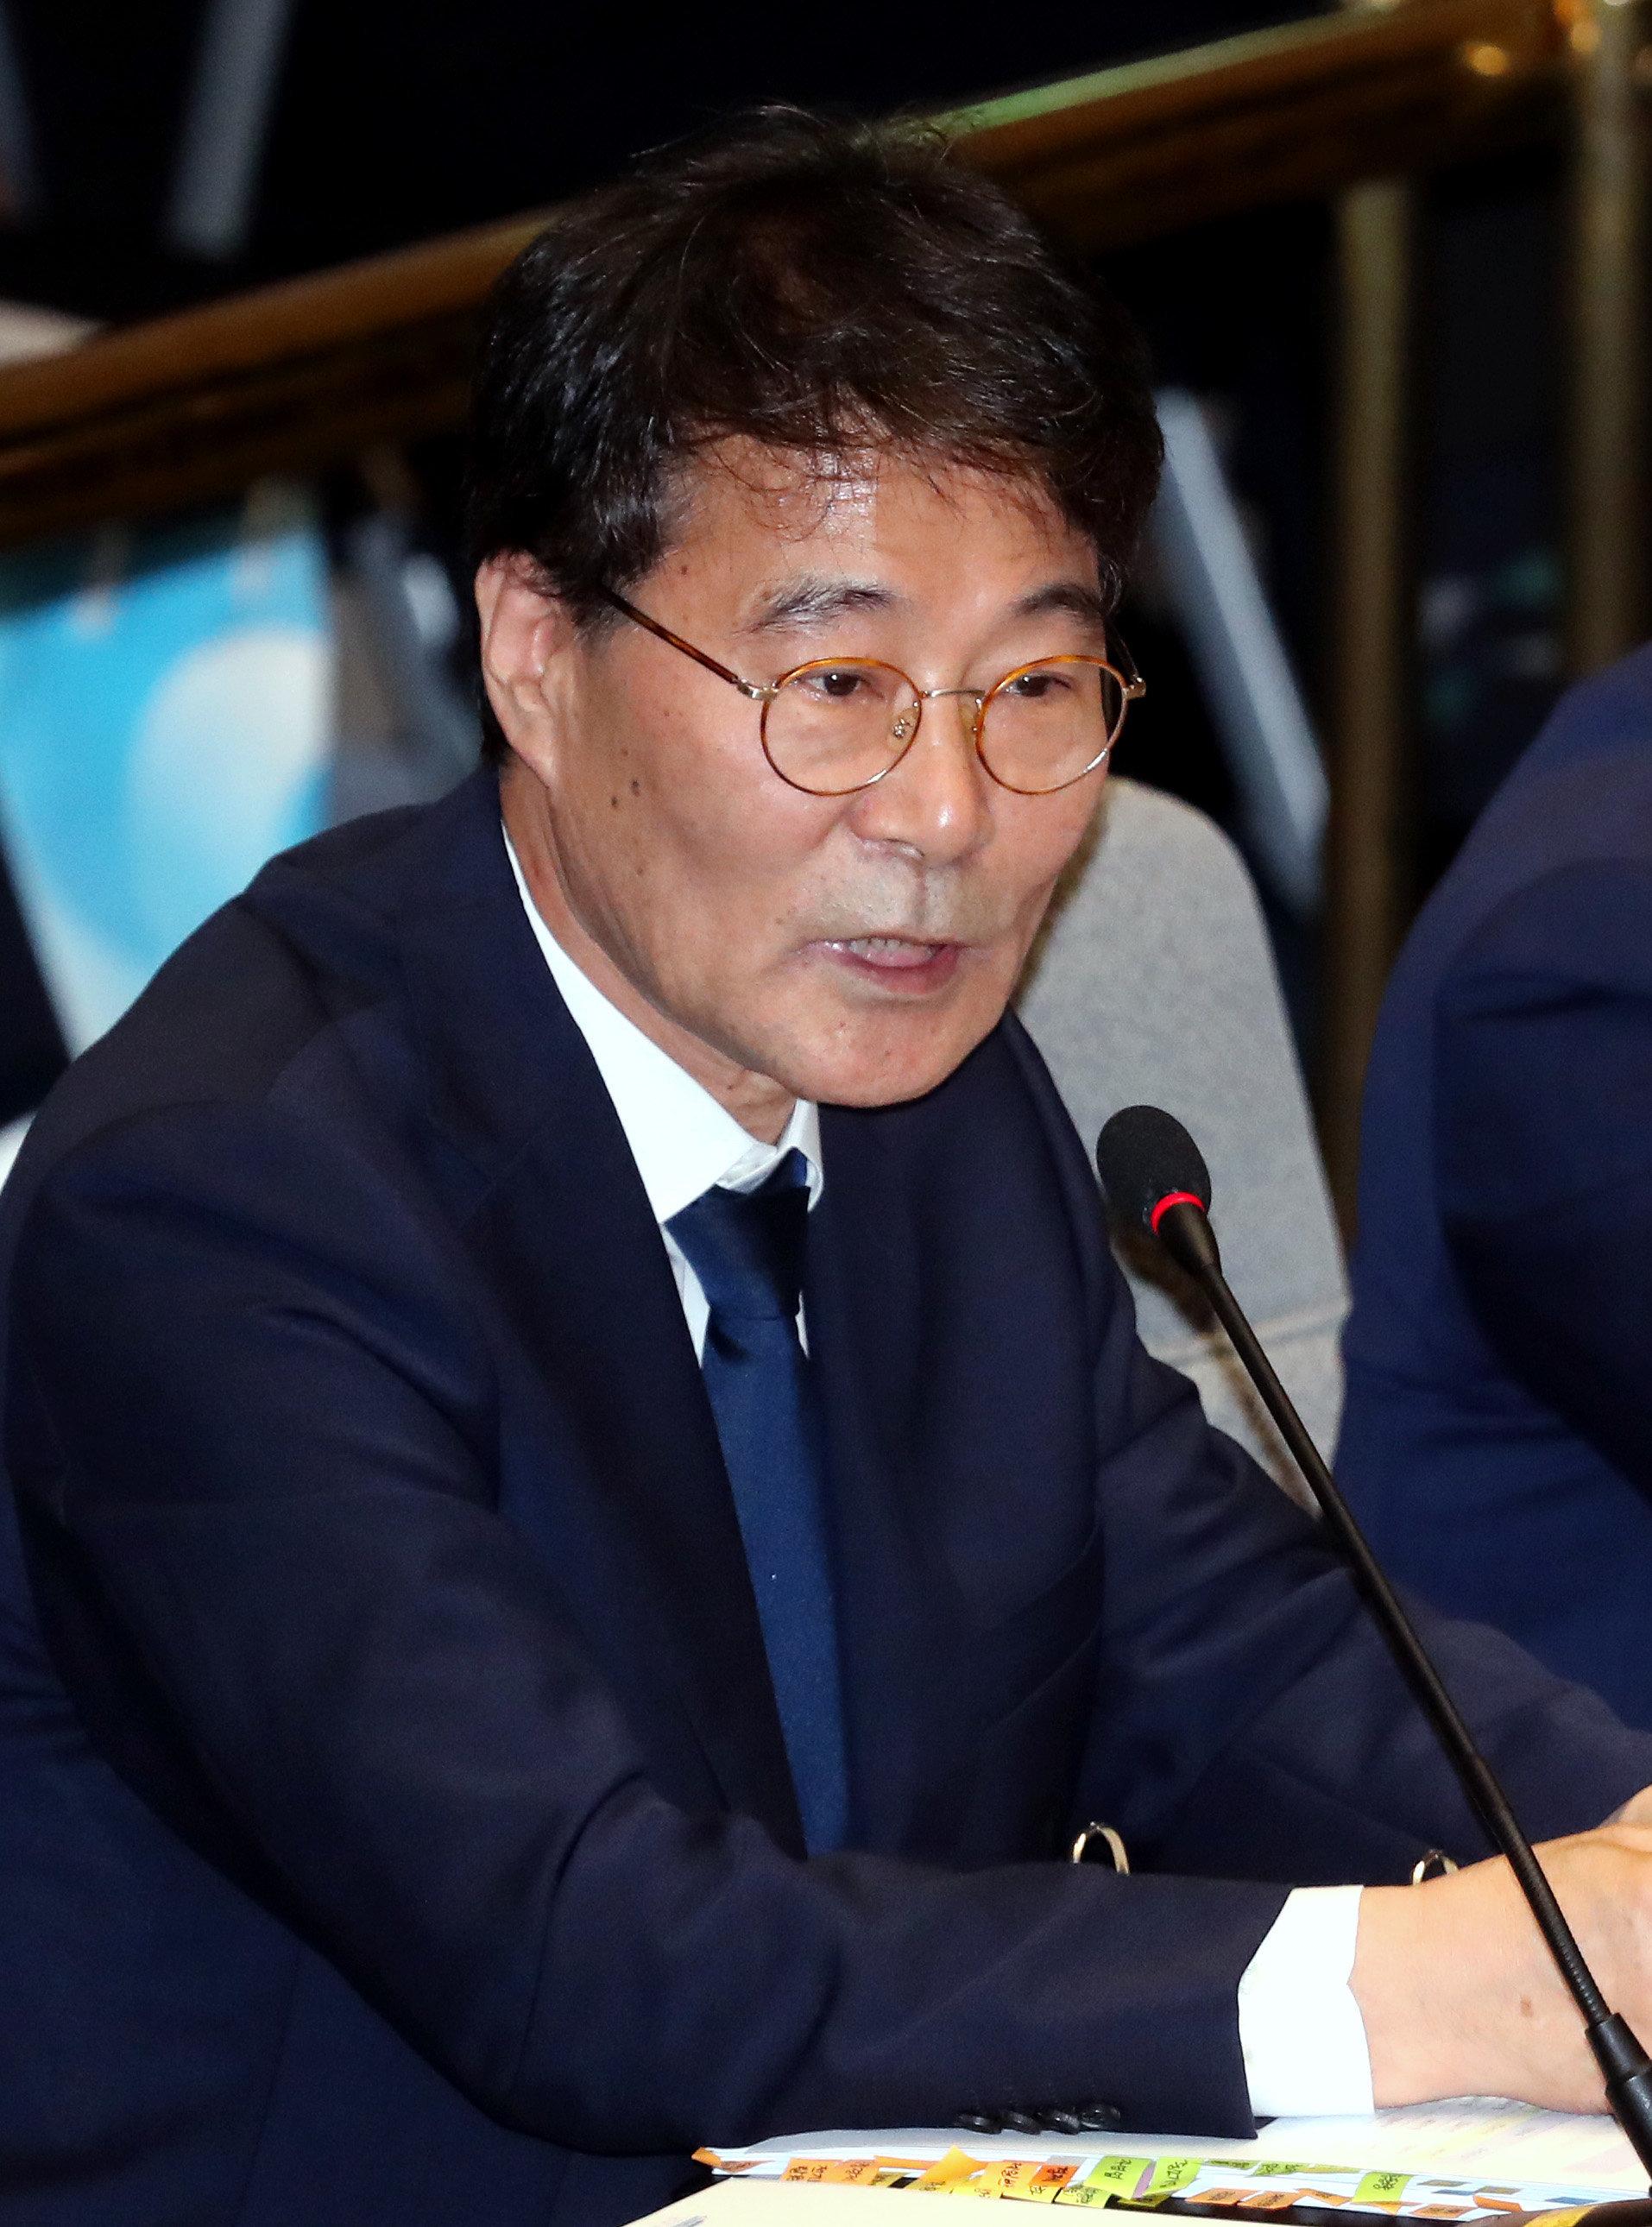 '김동연과 당신 중 누가 경제사령탑이냐'는 질문에 장하성이 답했다